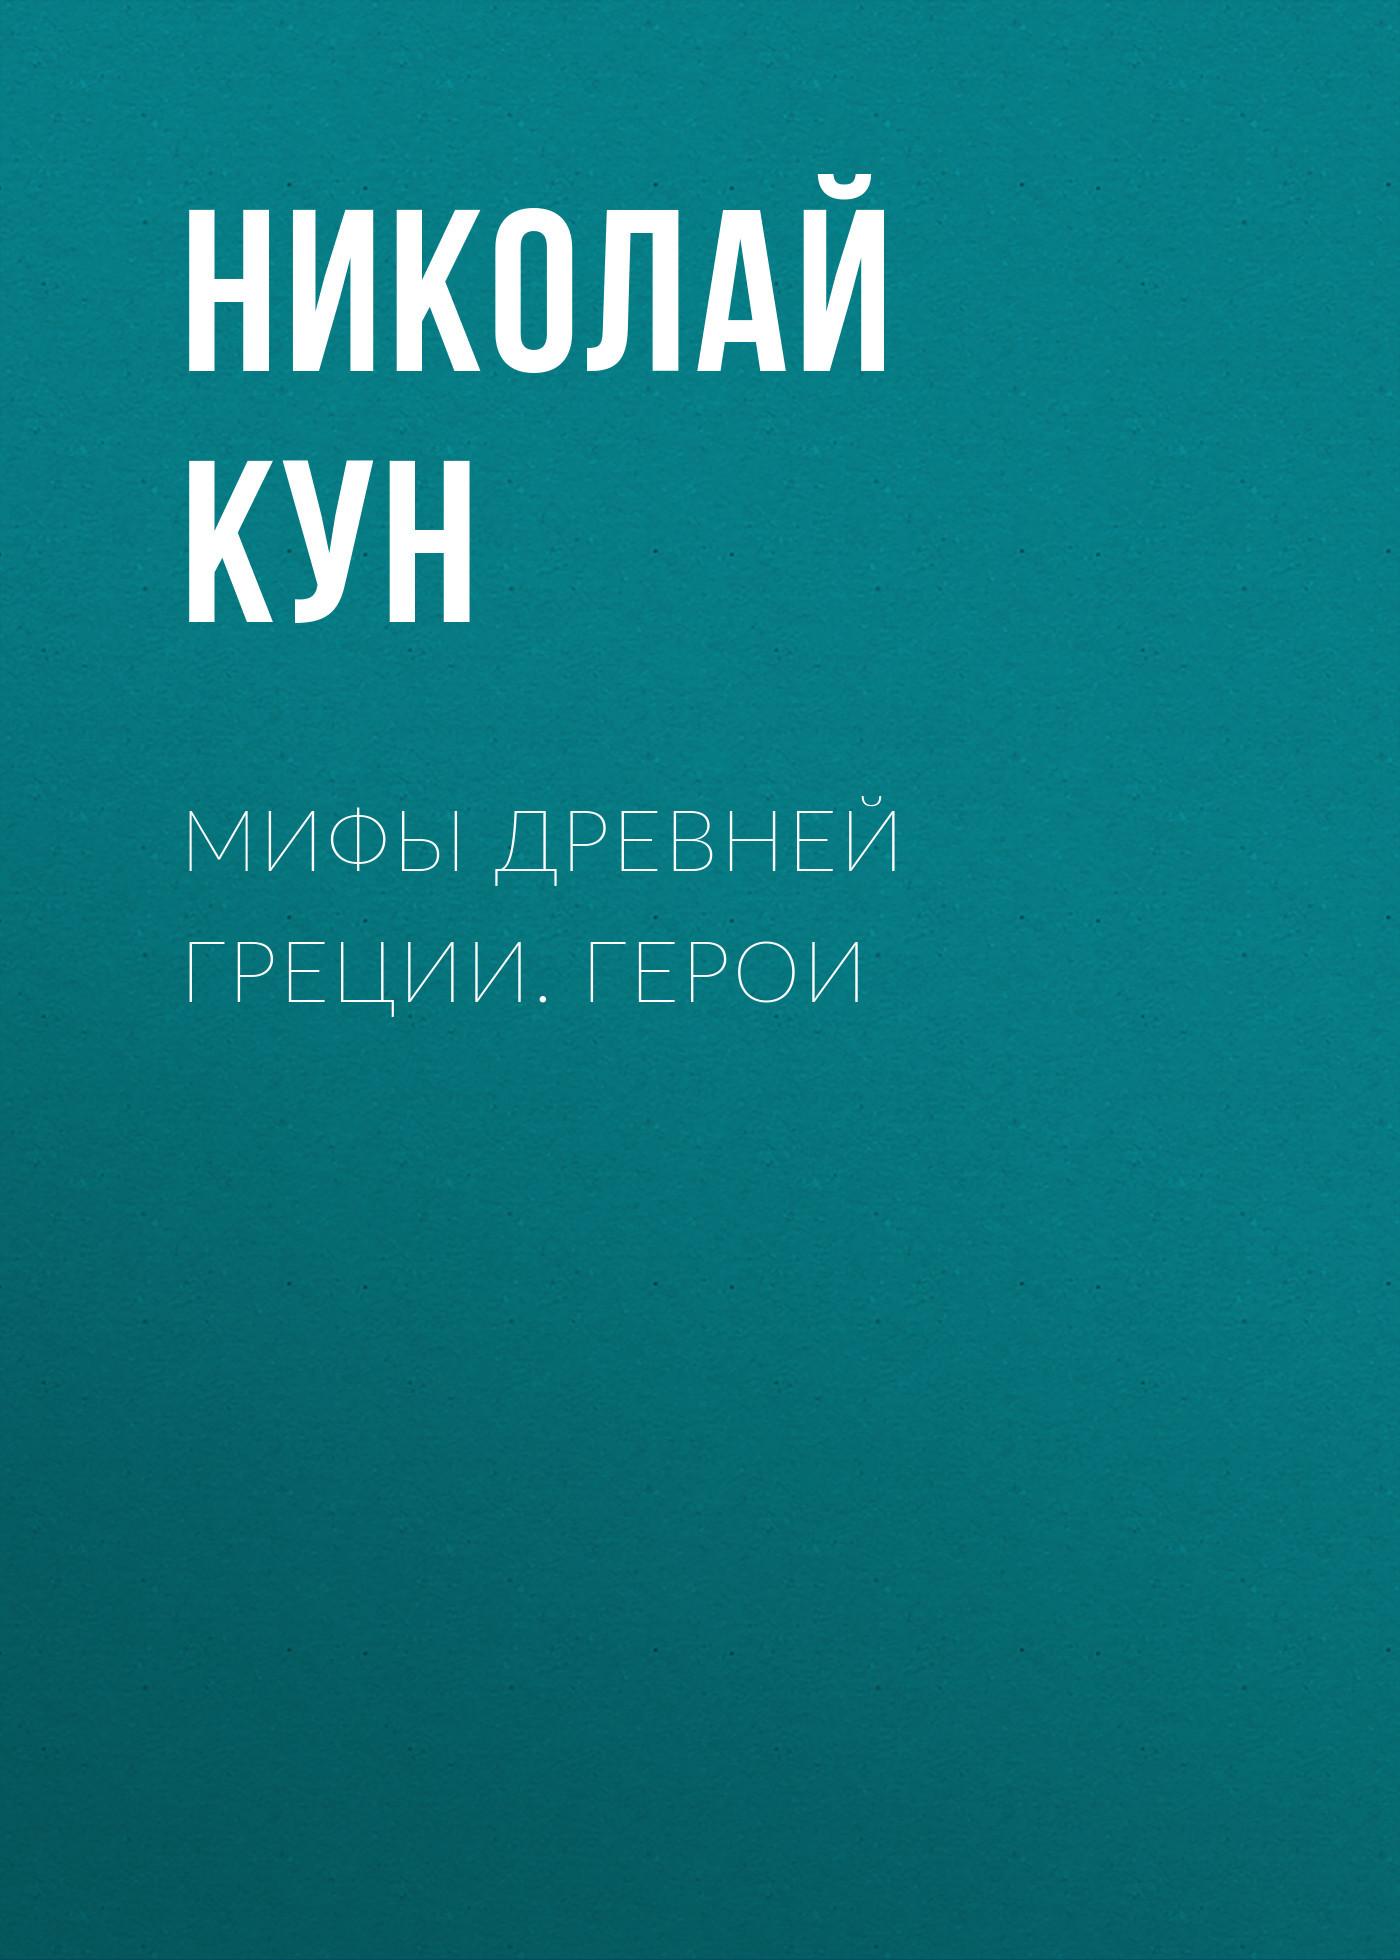 Обложка книги Мифы Древней Греции. Герои, автор Кун, Николай